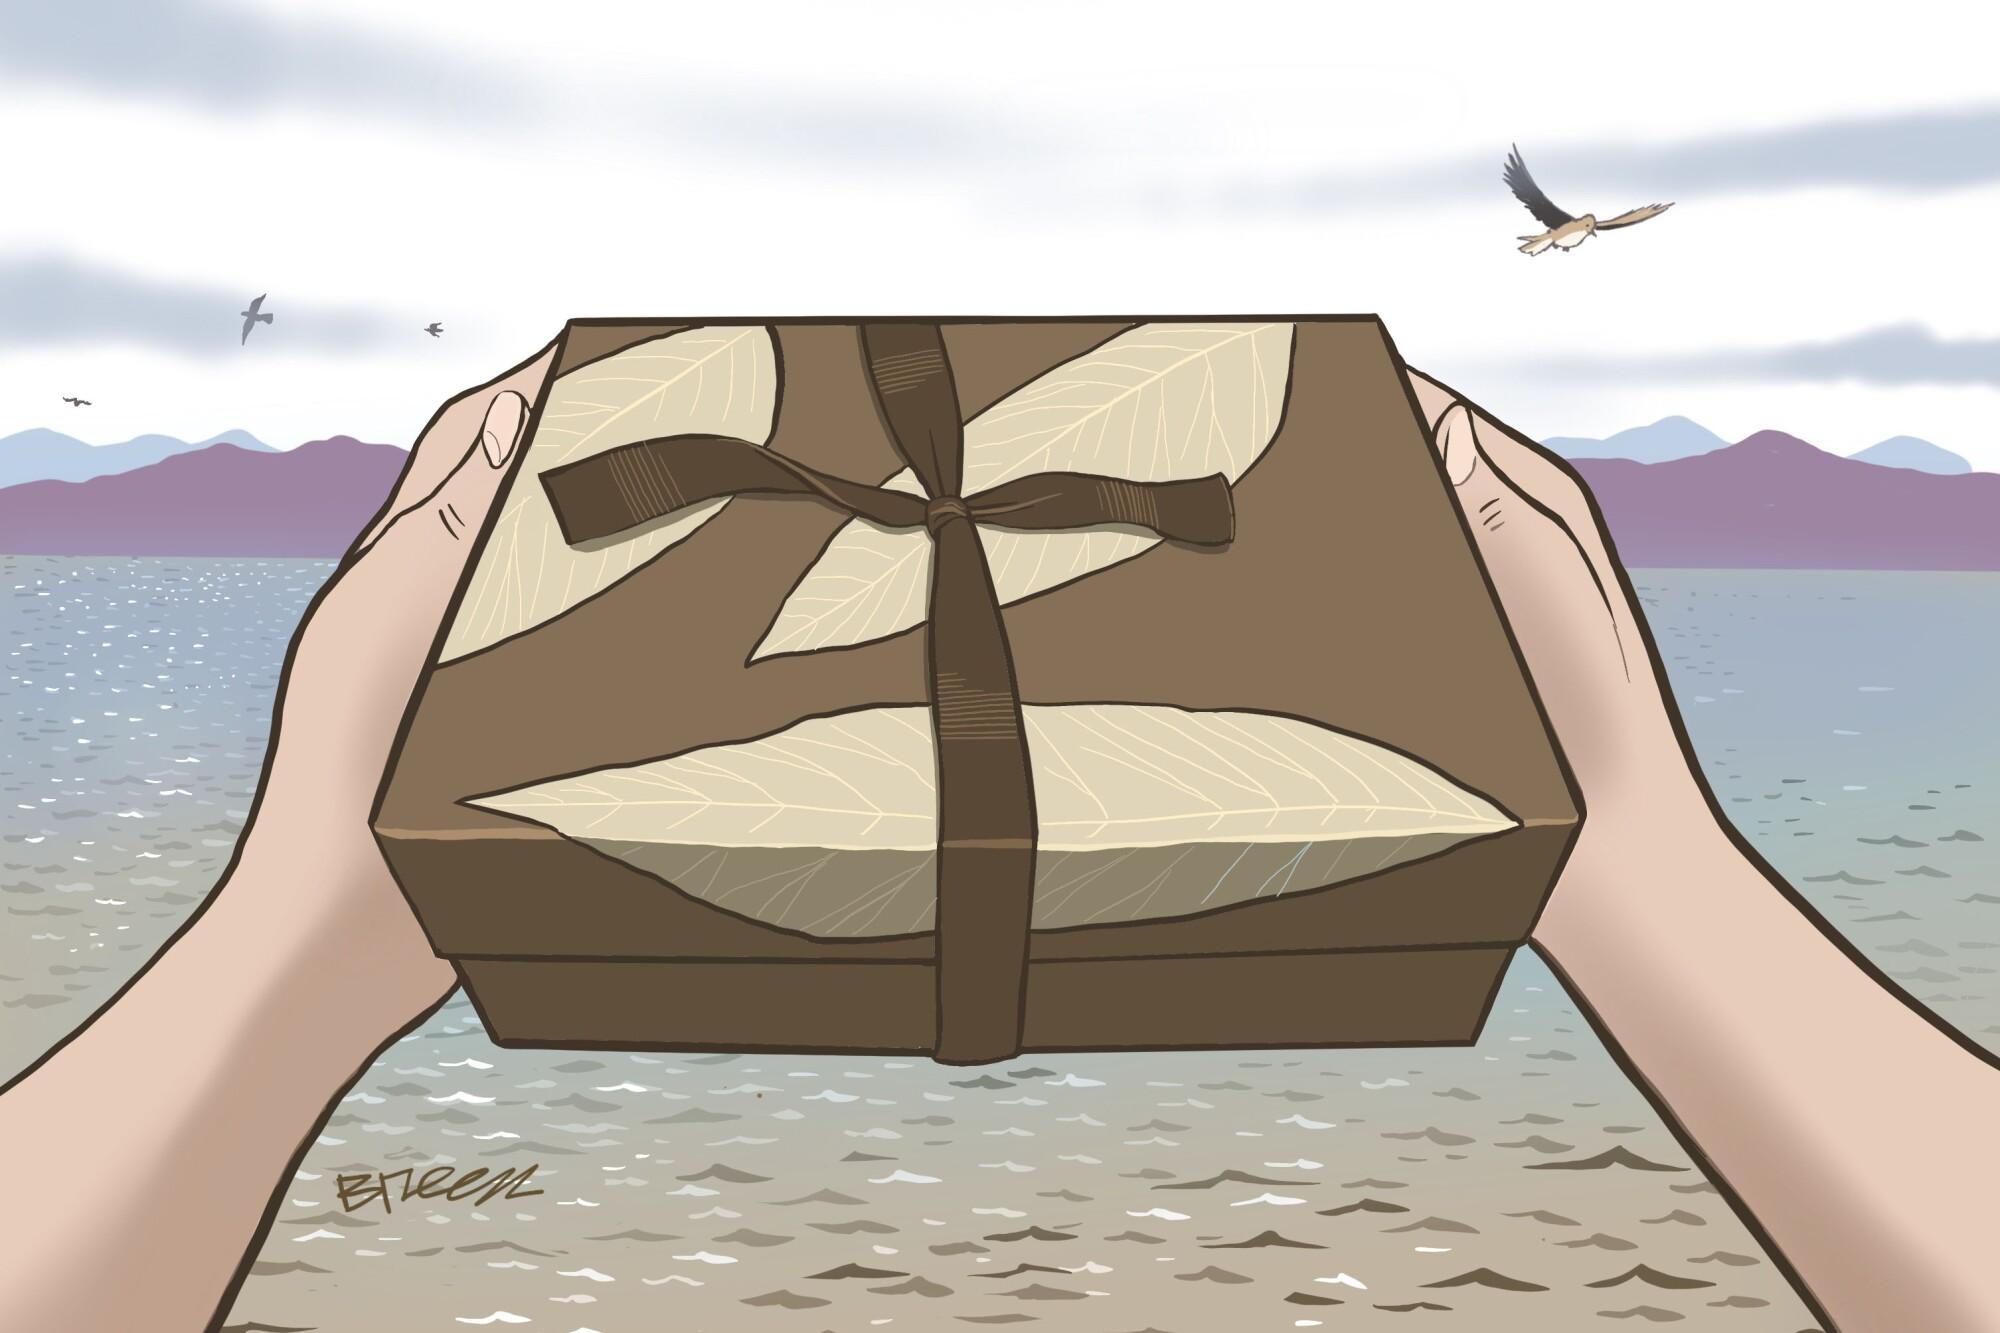 Steve Breen illustration